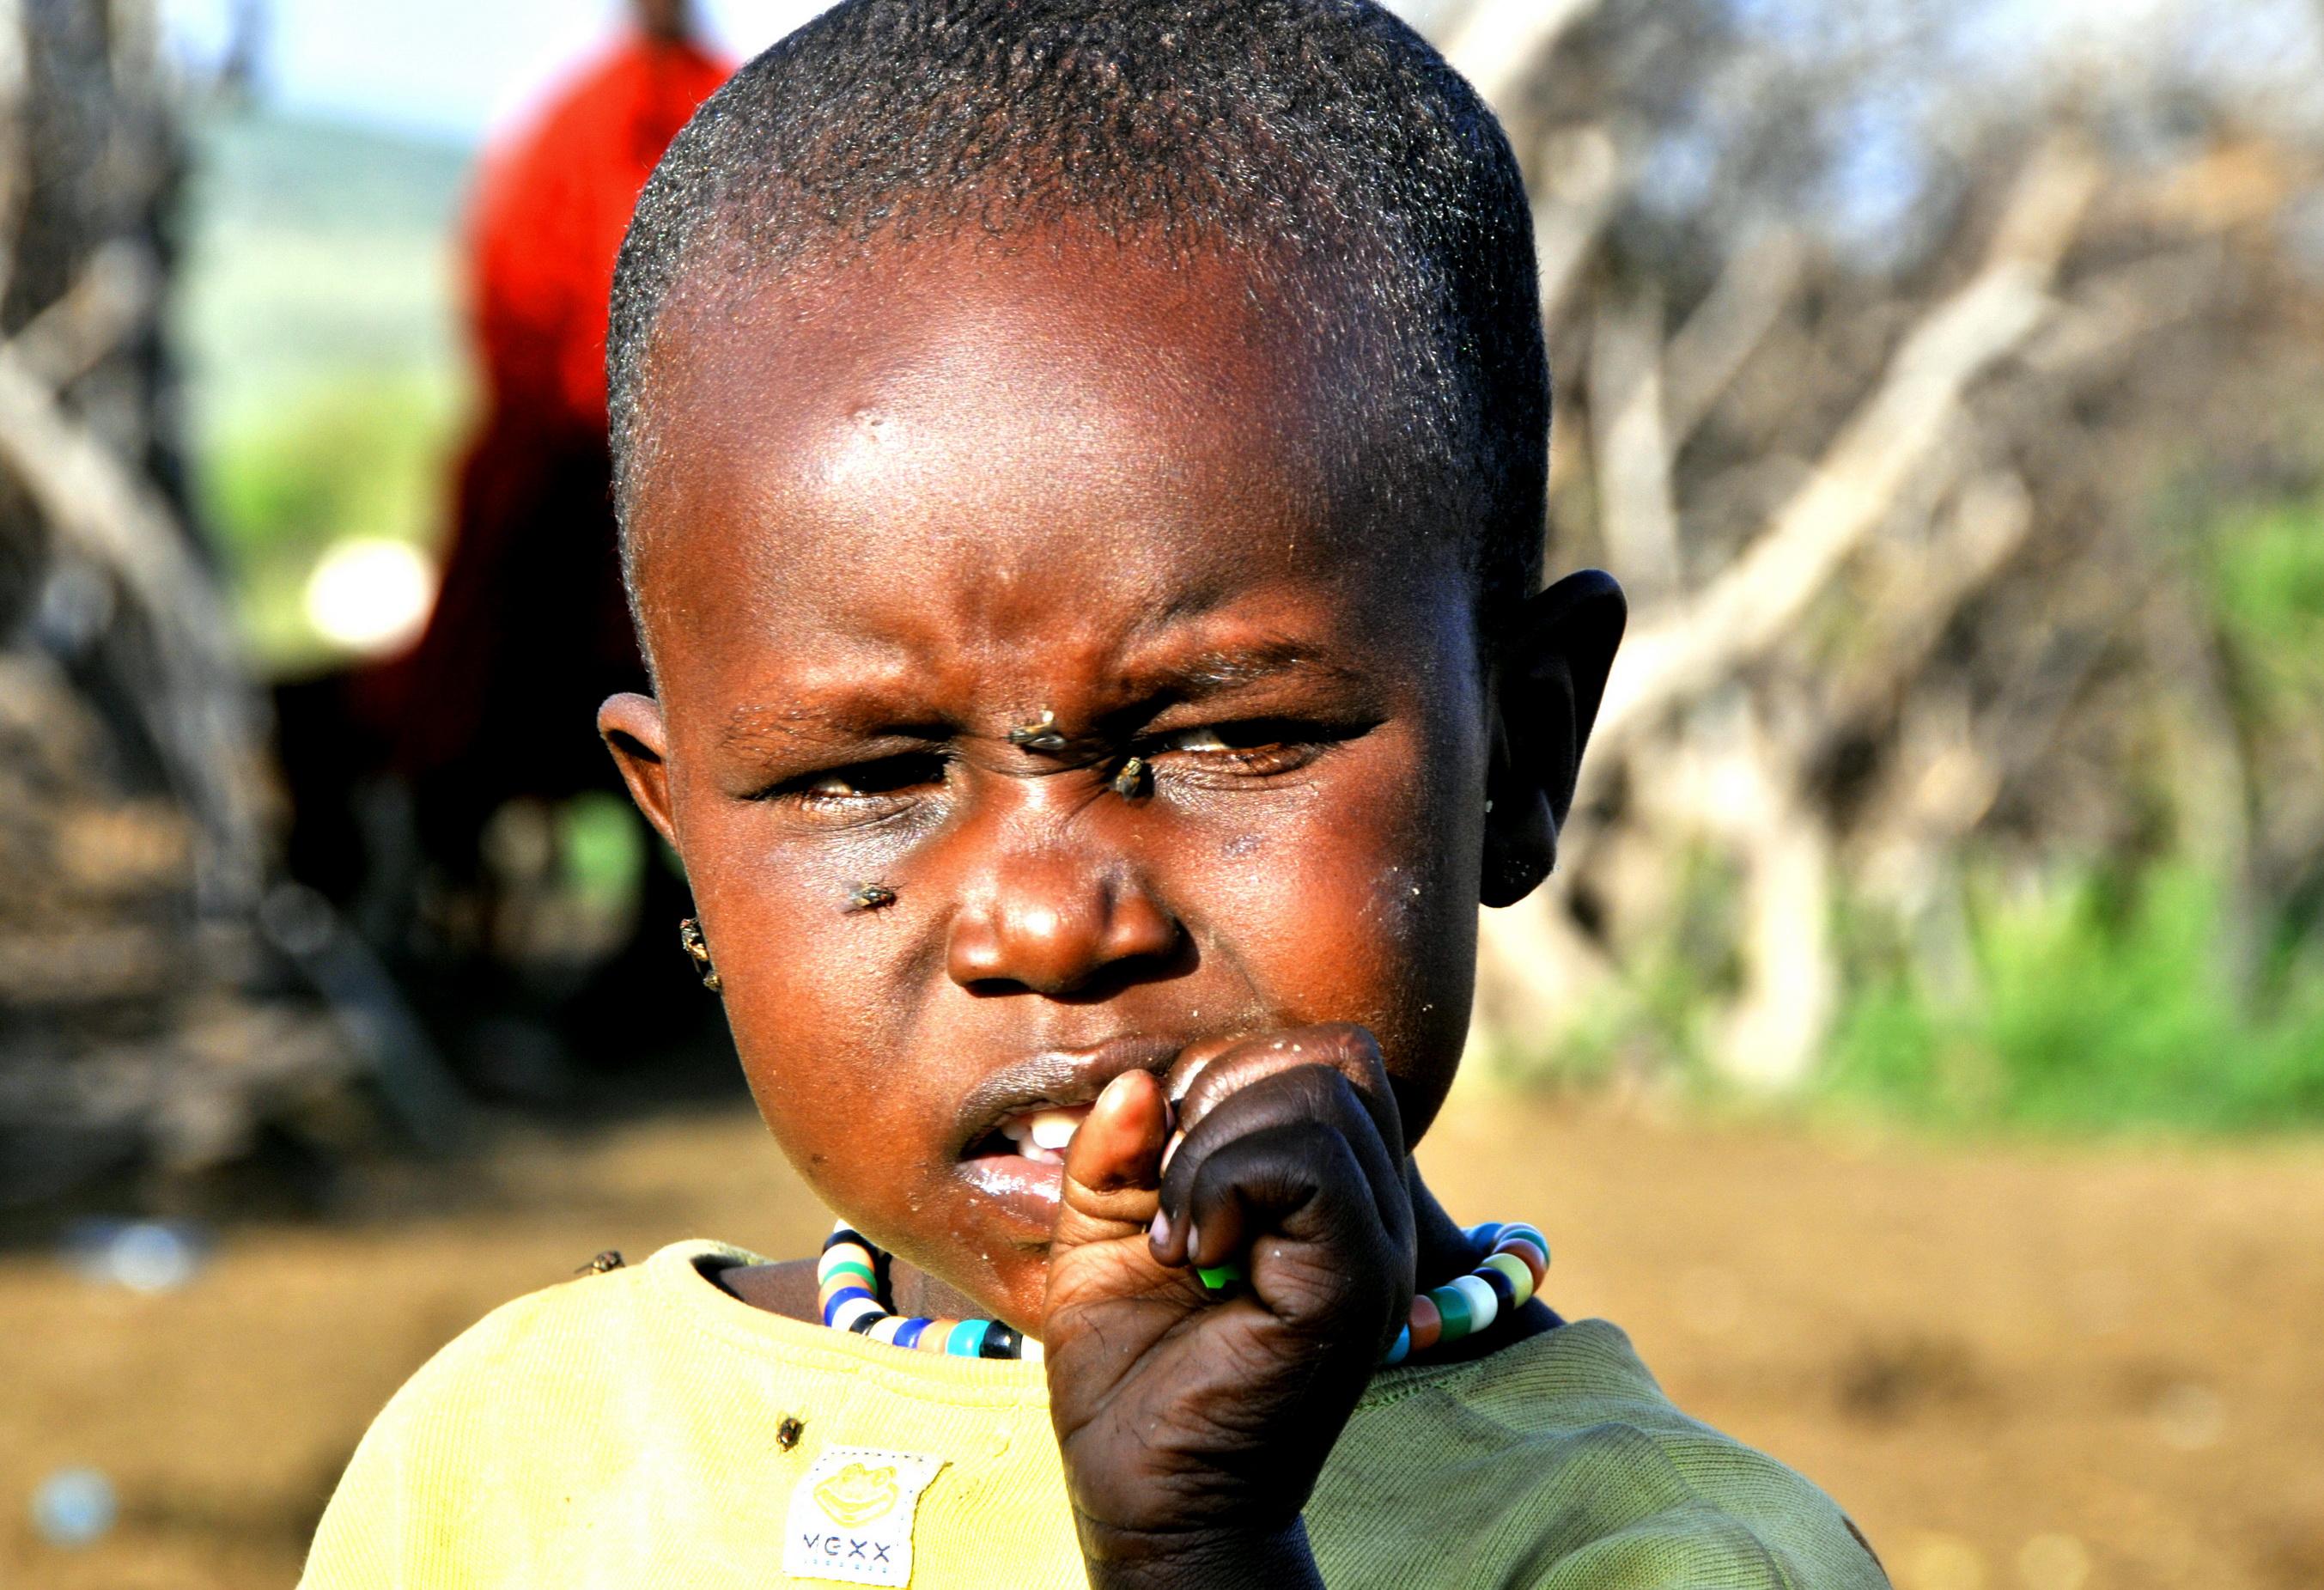 非洲儿童 非洲儿童生活现状 非洲儿童军